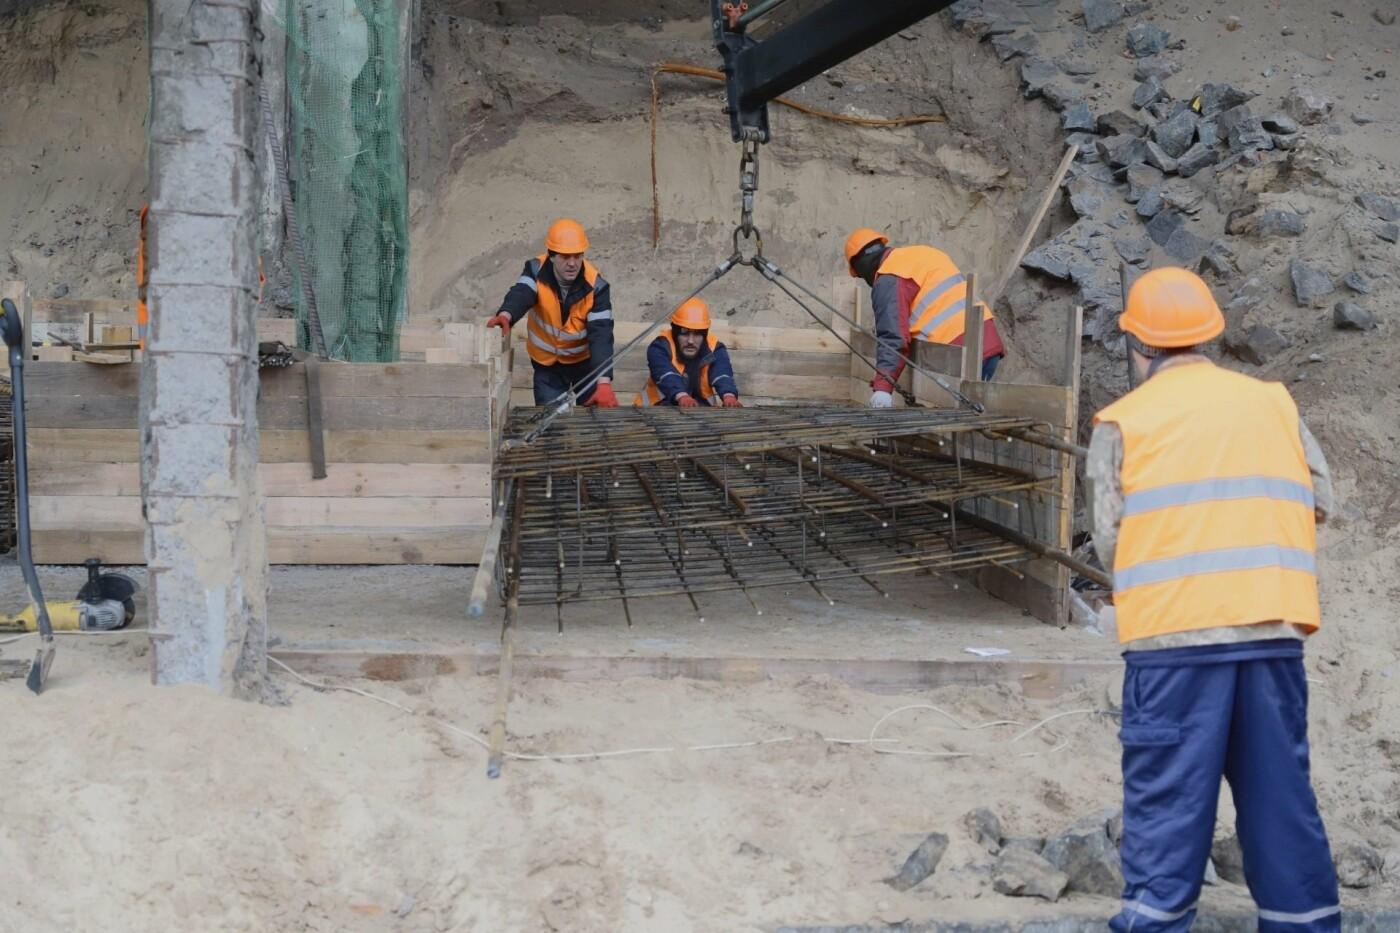 В Днепре ремонтируют аварийный путепровод, - ФОТО, фото-5